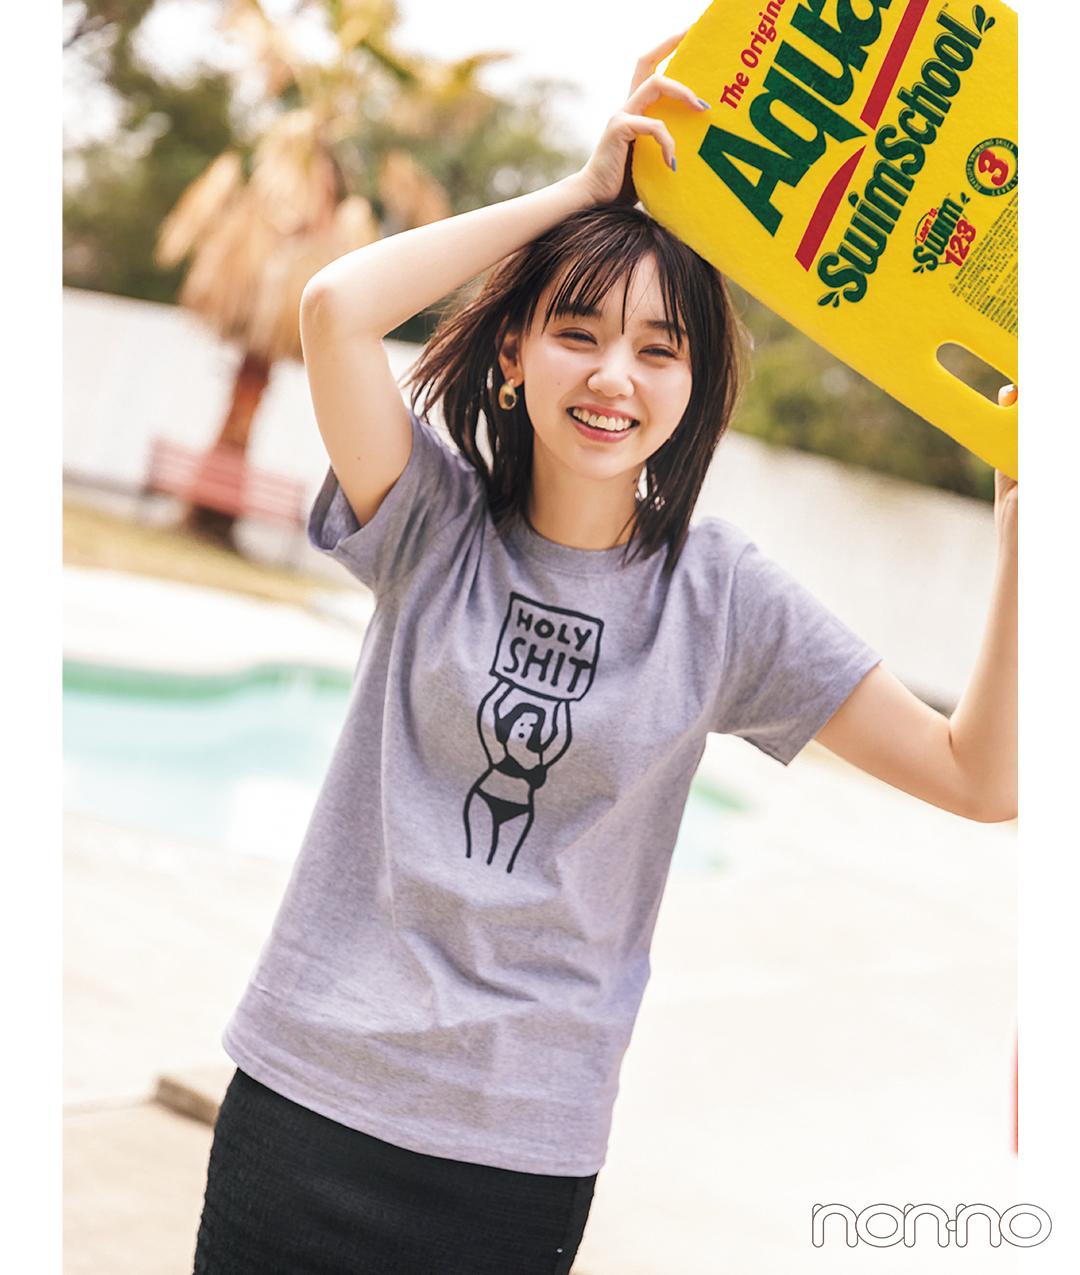 江野沢愛美が着るHOLY SHITのショップTシャツコーデ31